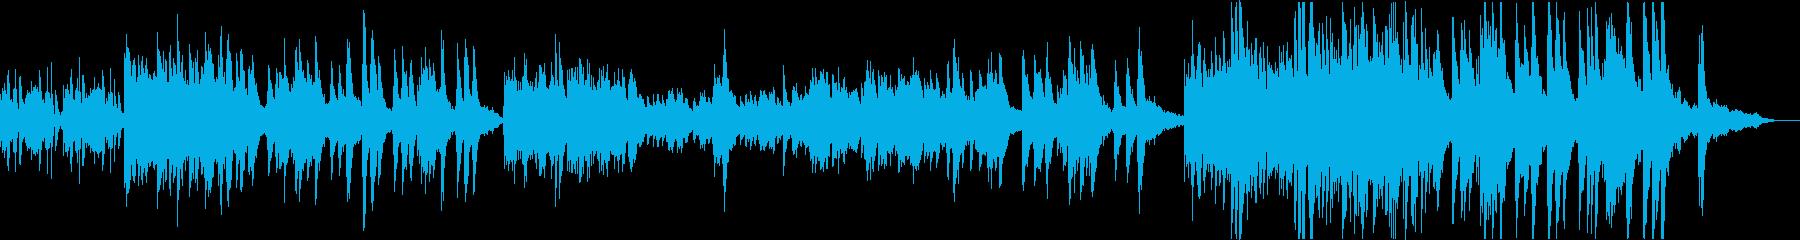 ヒマワリが咲き並ぶ情景(ピアノソロ)の再生済みの波形